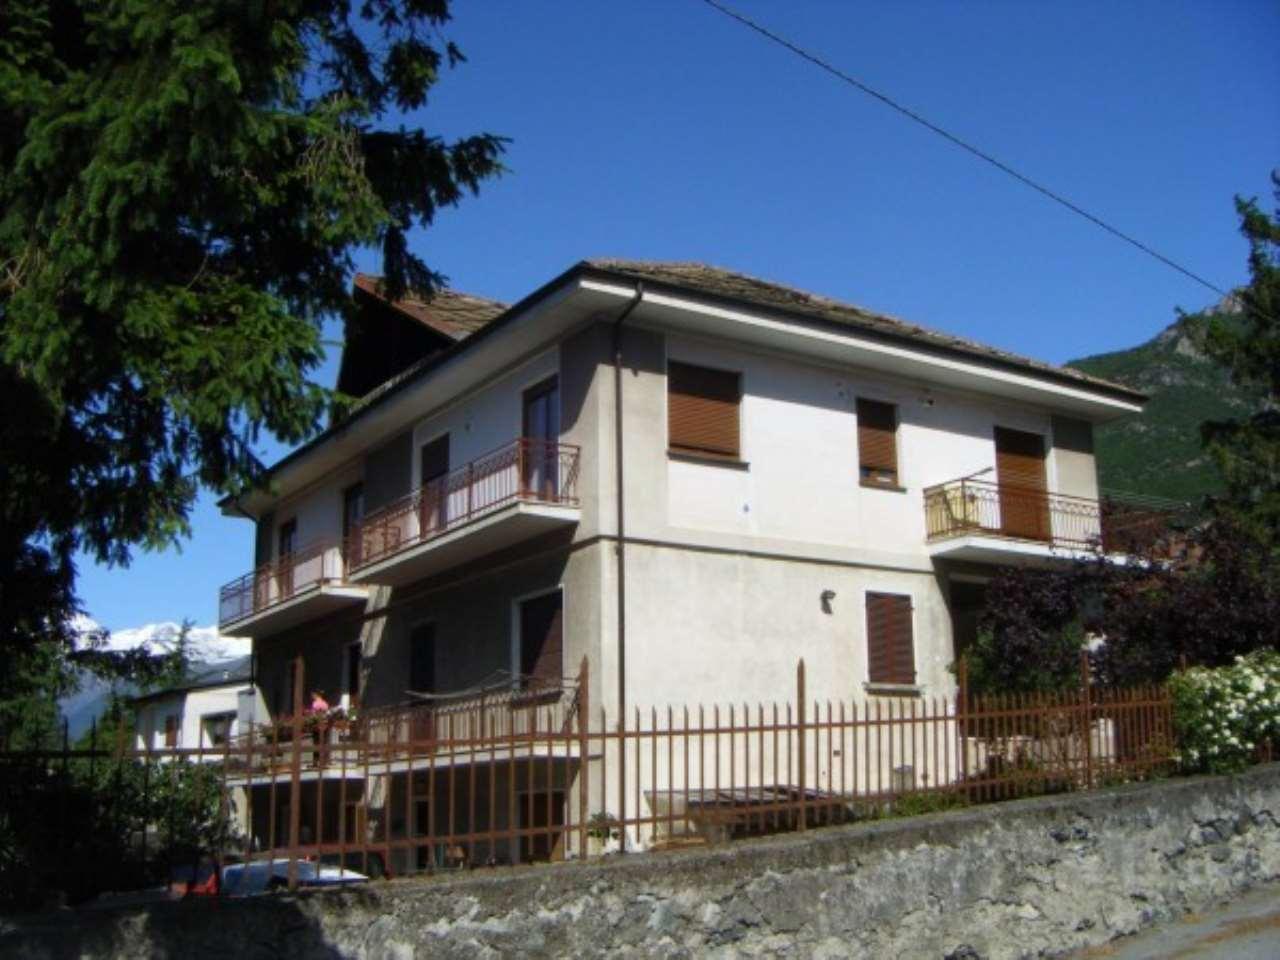 Appartamento in vendita a Bussoleno, 9999 locali, prezzo € 85.000 | CambioCasa.it